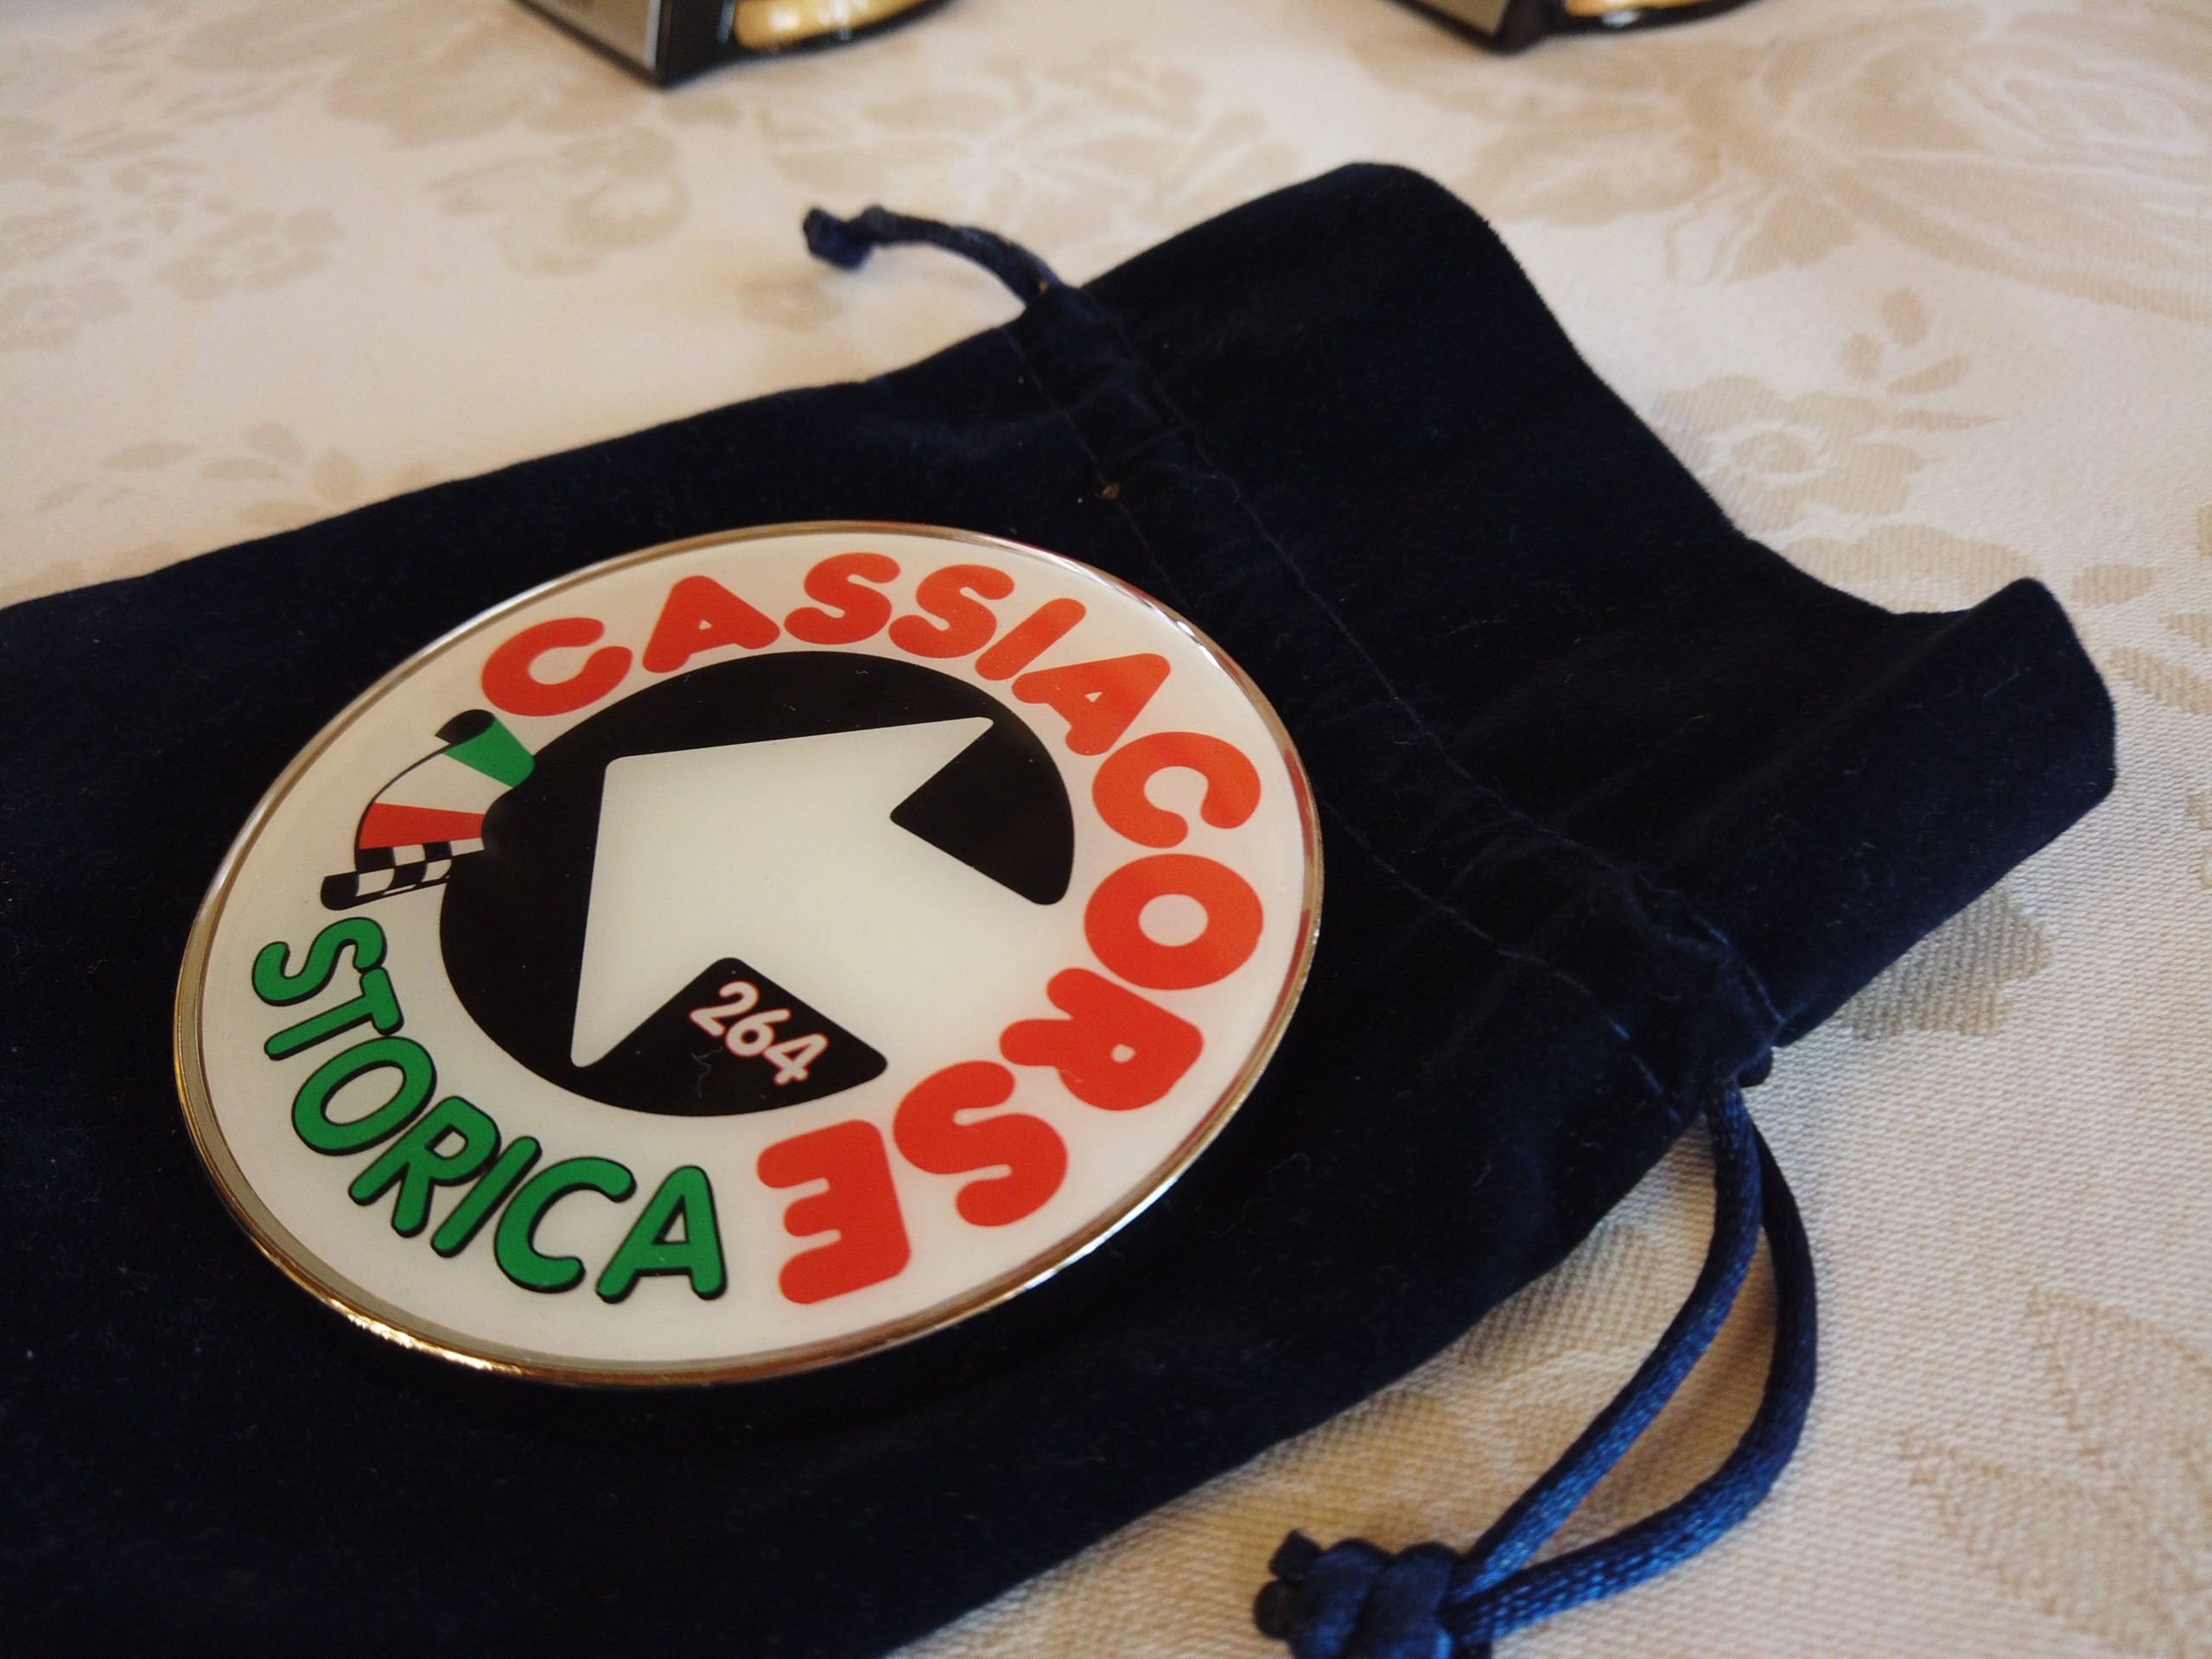 Consiglio Cassia Corse, ecco gli eletti